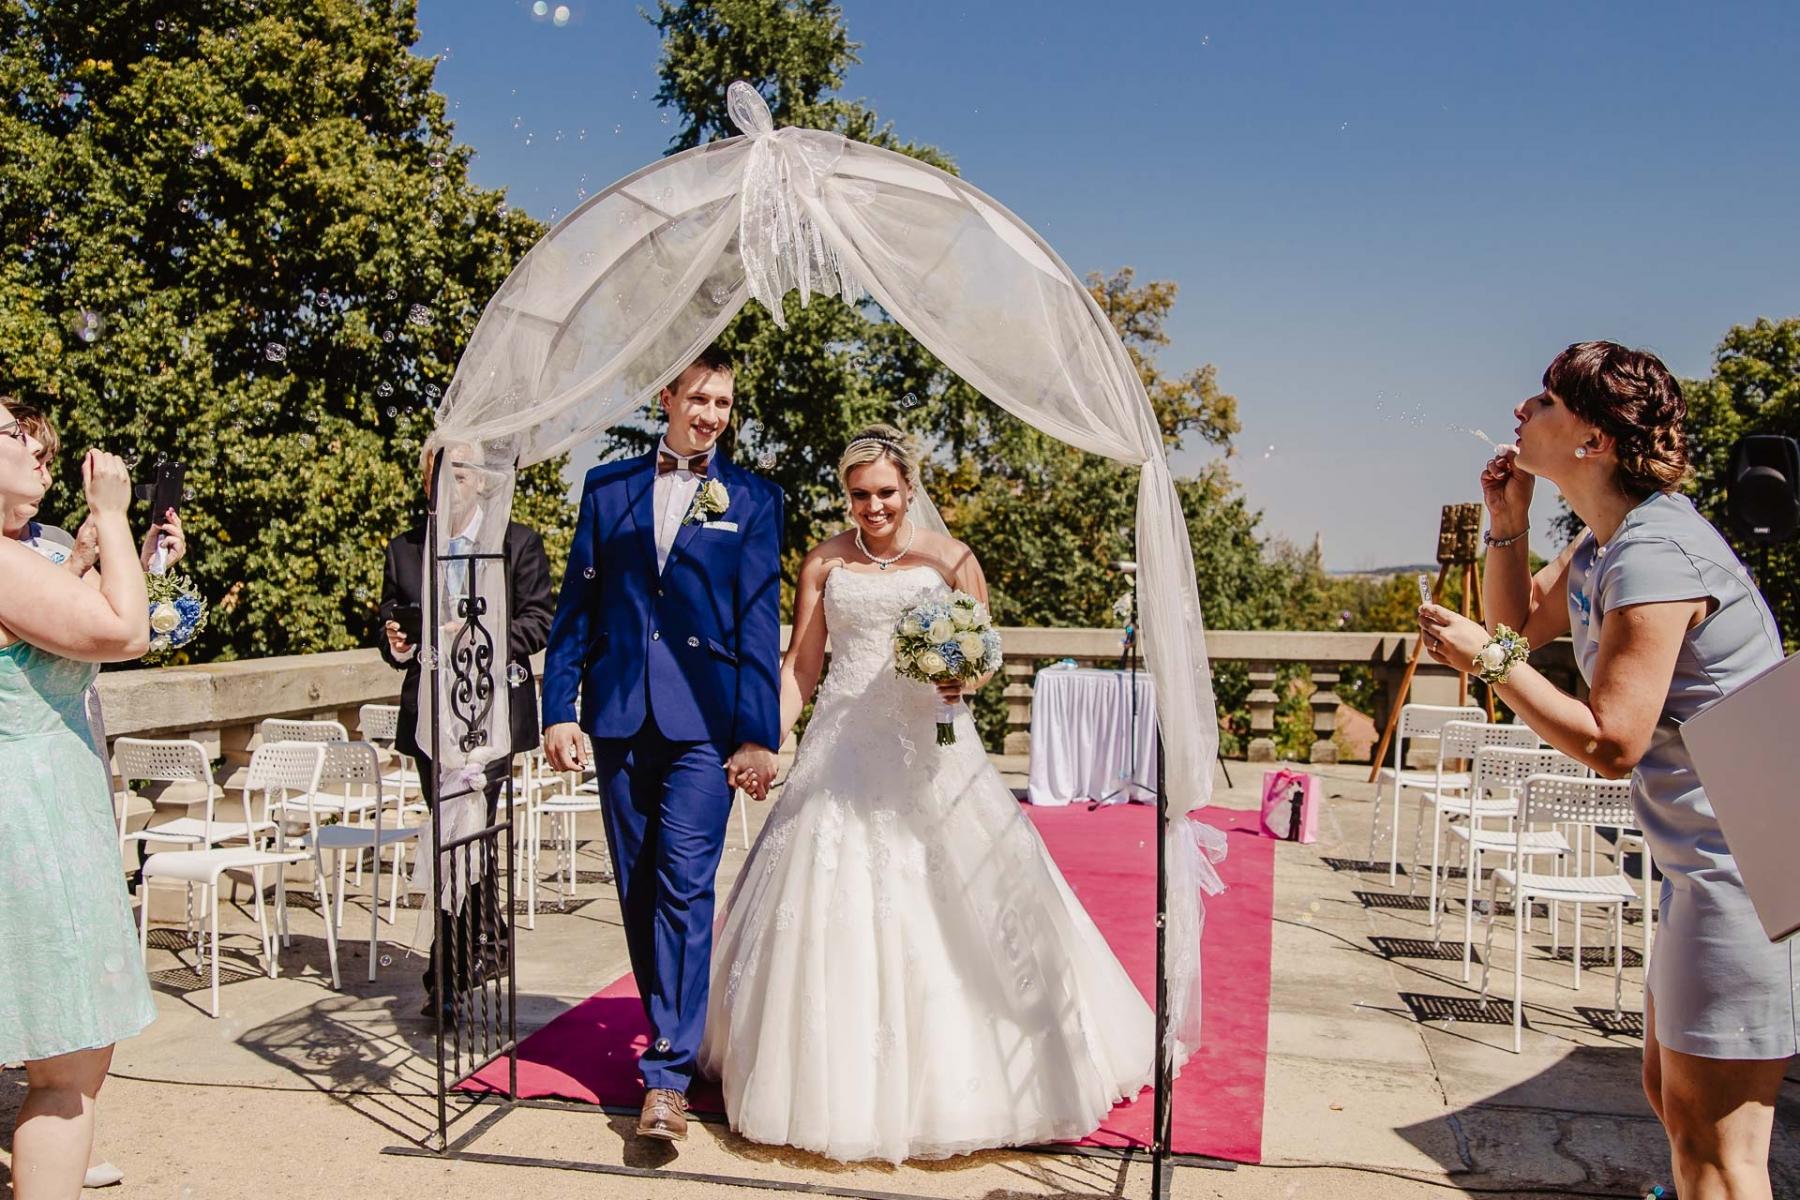 svatební fotograf zámek Mníšek pod Brdy, svatba na zámku, letní nejkrásnější zámecká svatba, Bára a Ondra-73